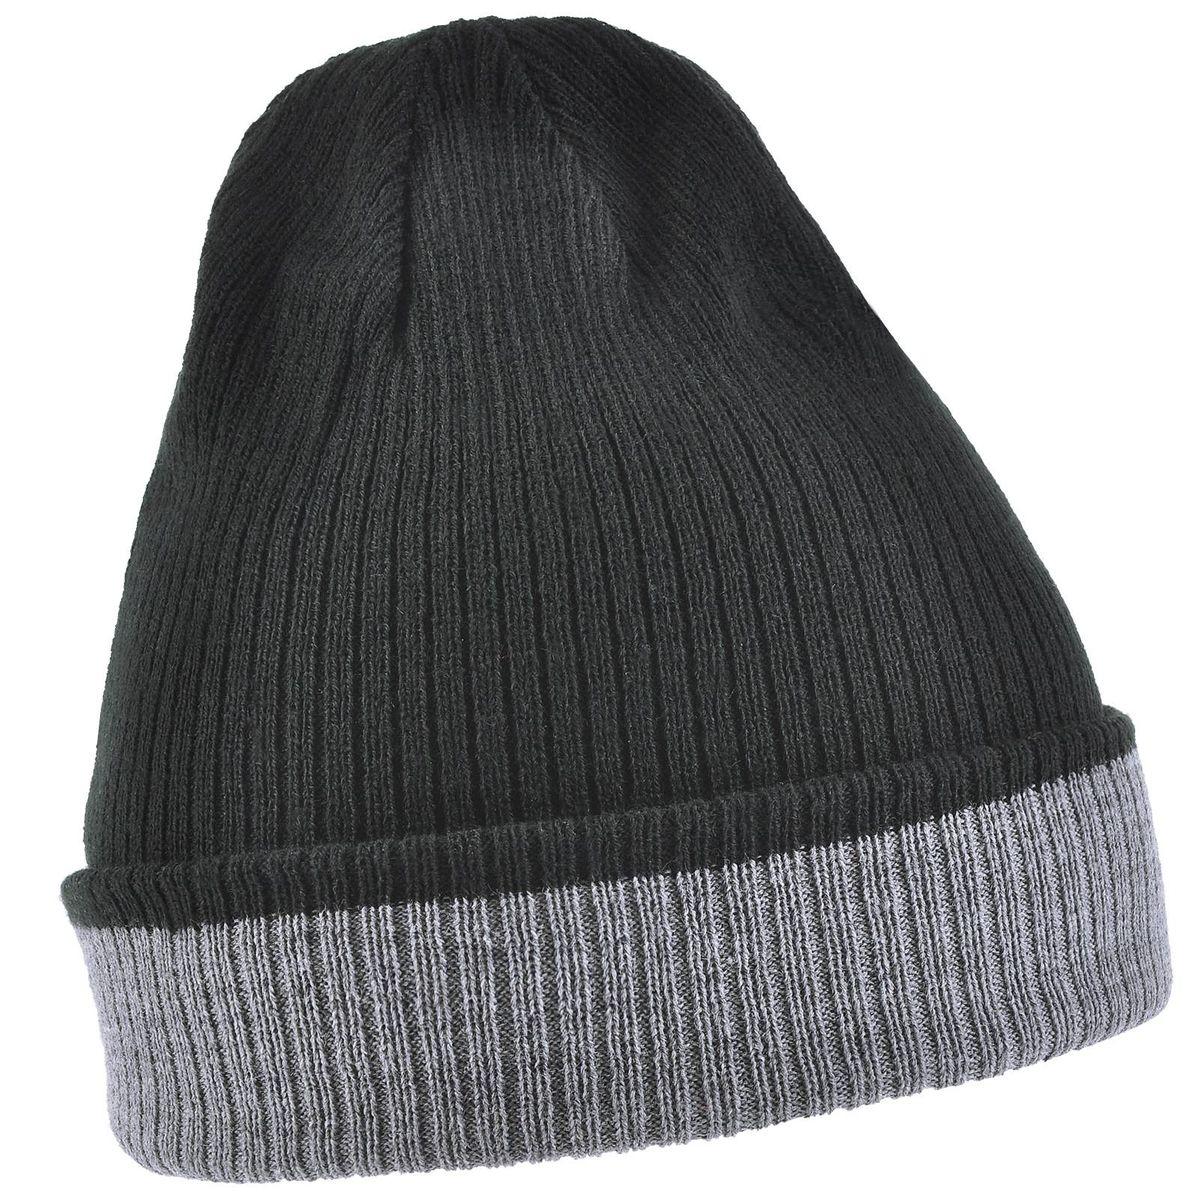 Bonnet réversible UMA Noir - Gris